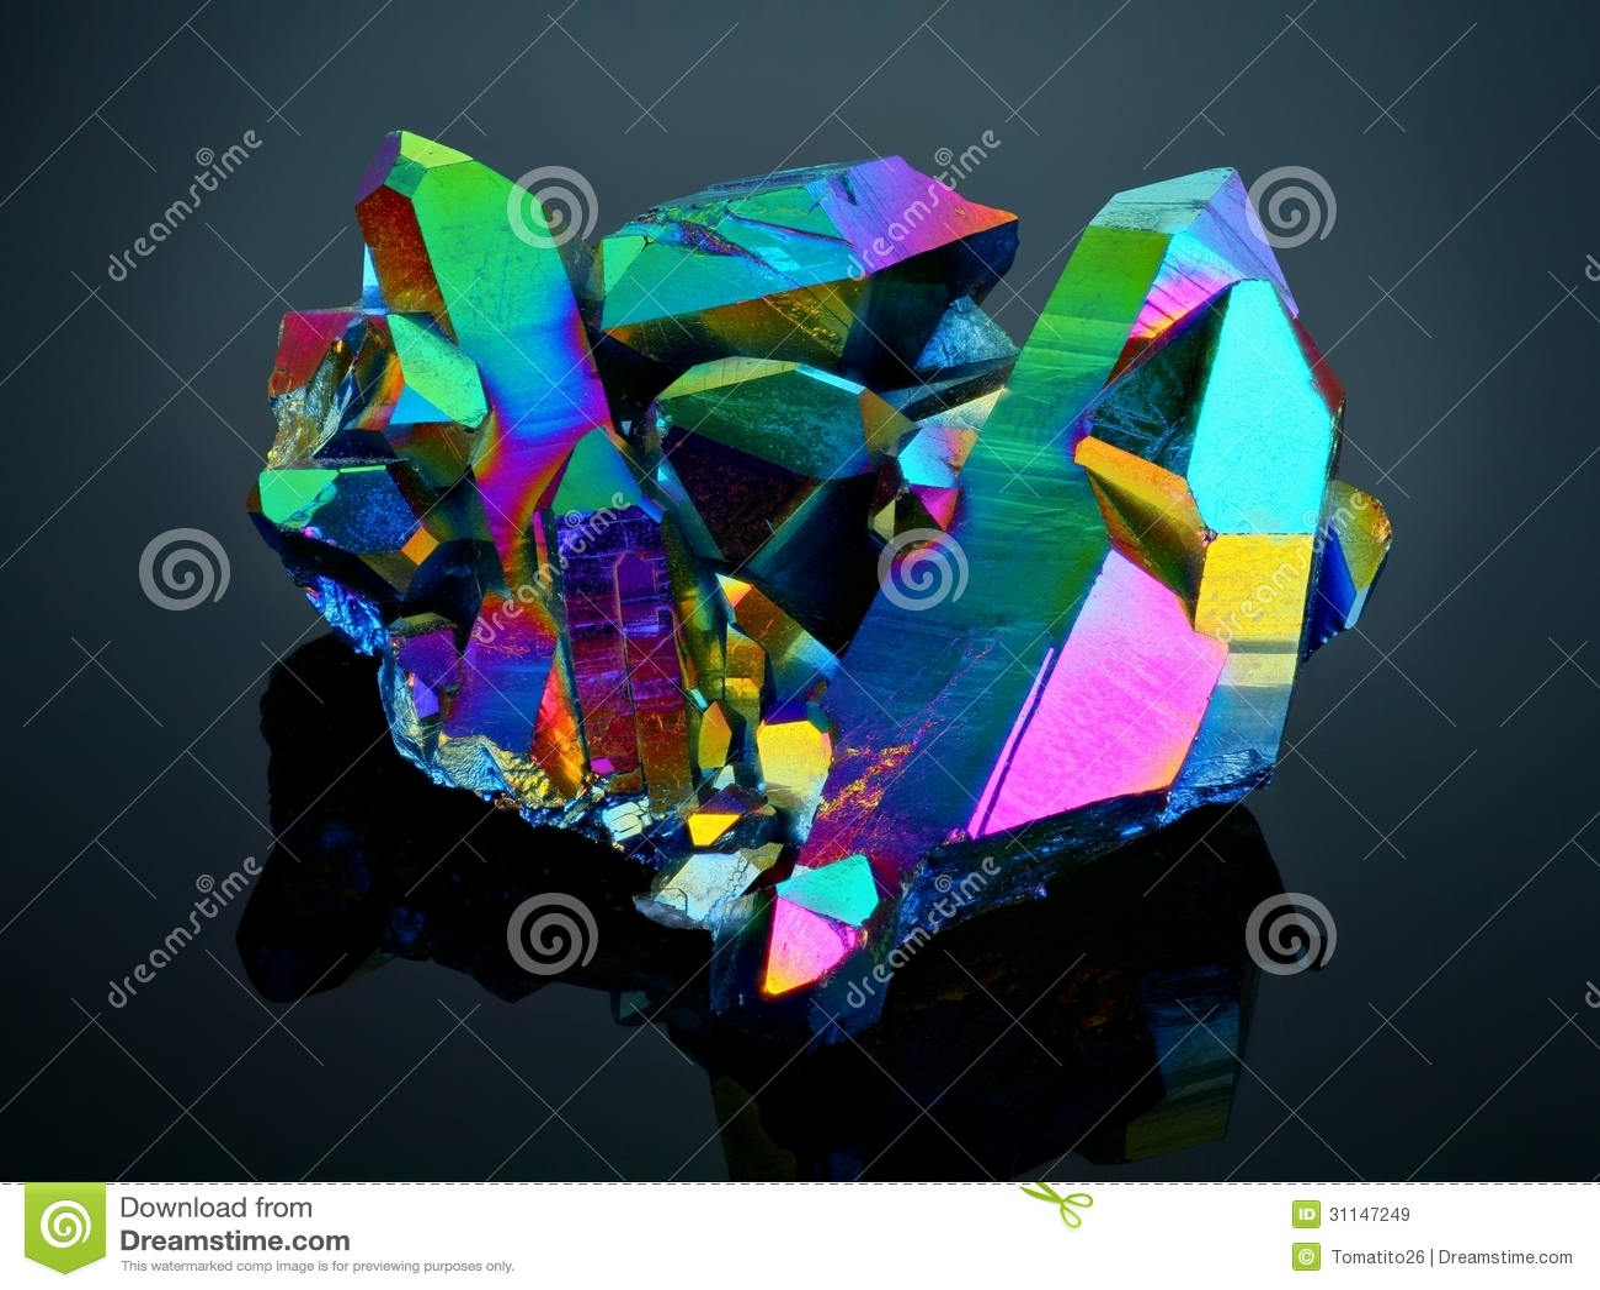 Titanium rainbow aura quartz crystal cluster